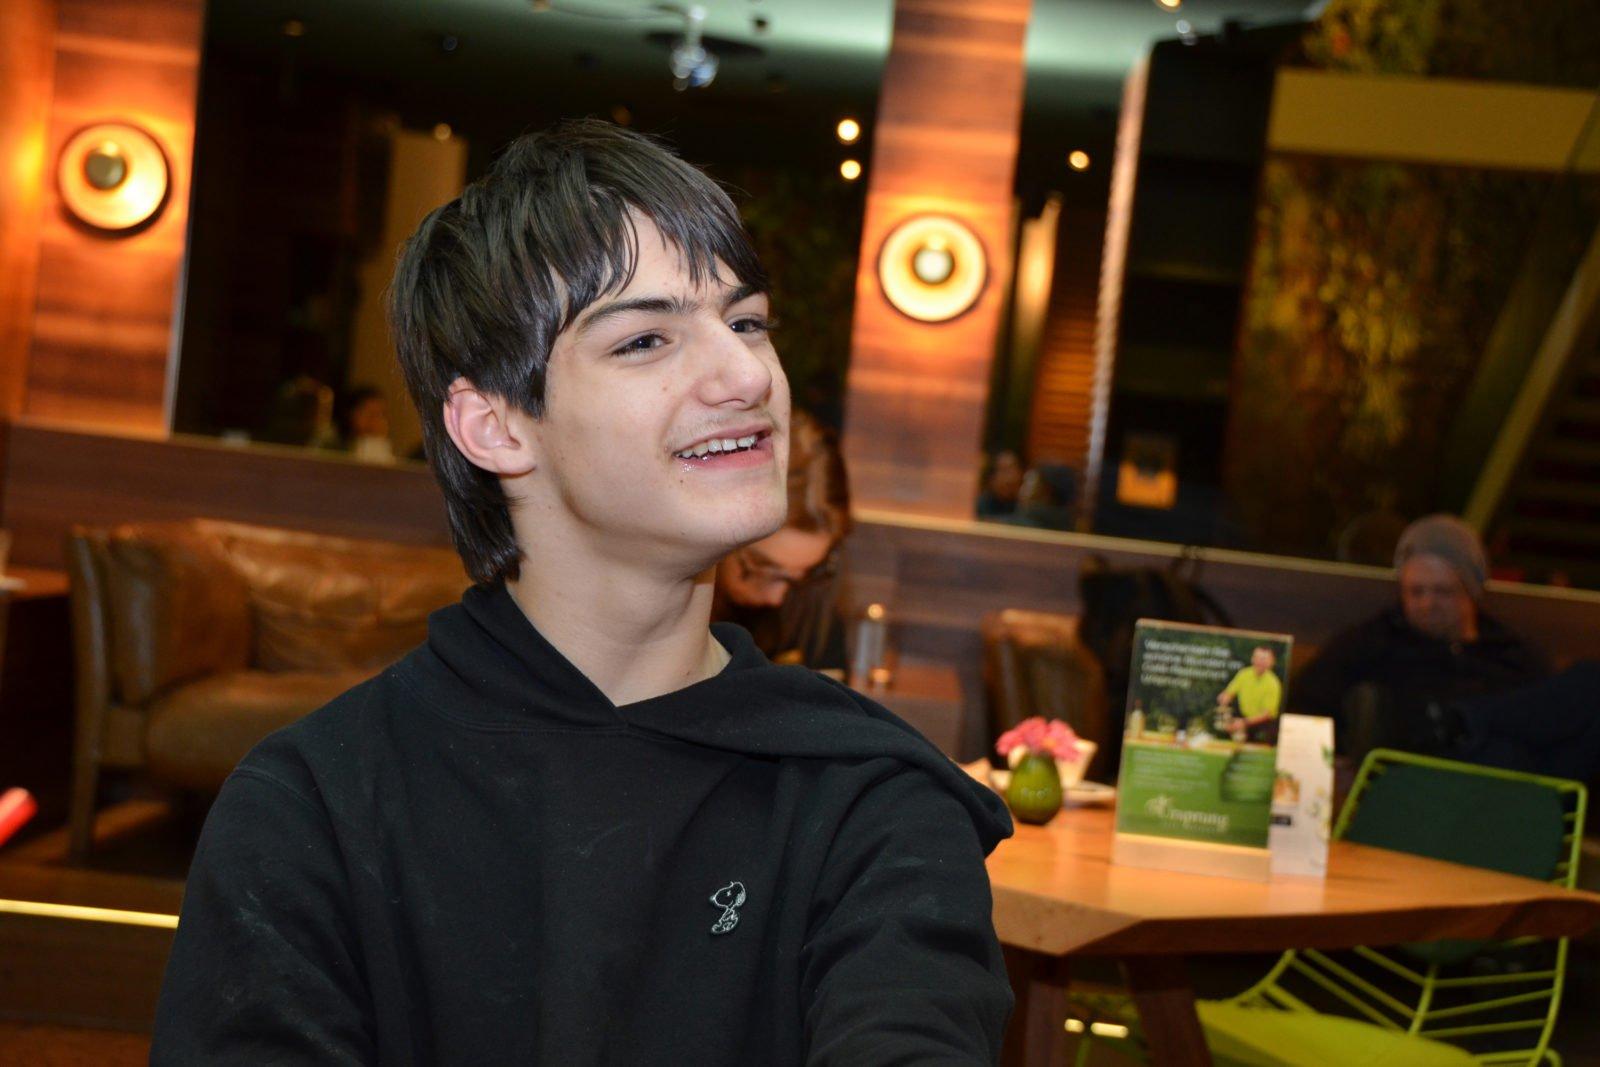 Linus Bade in einem Café - er lächelt und blickt leicht an der Kamera vorbei. Im Hintergrund sind Leute an Tischen zu erkennen, aber verschwommen.